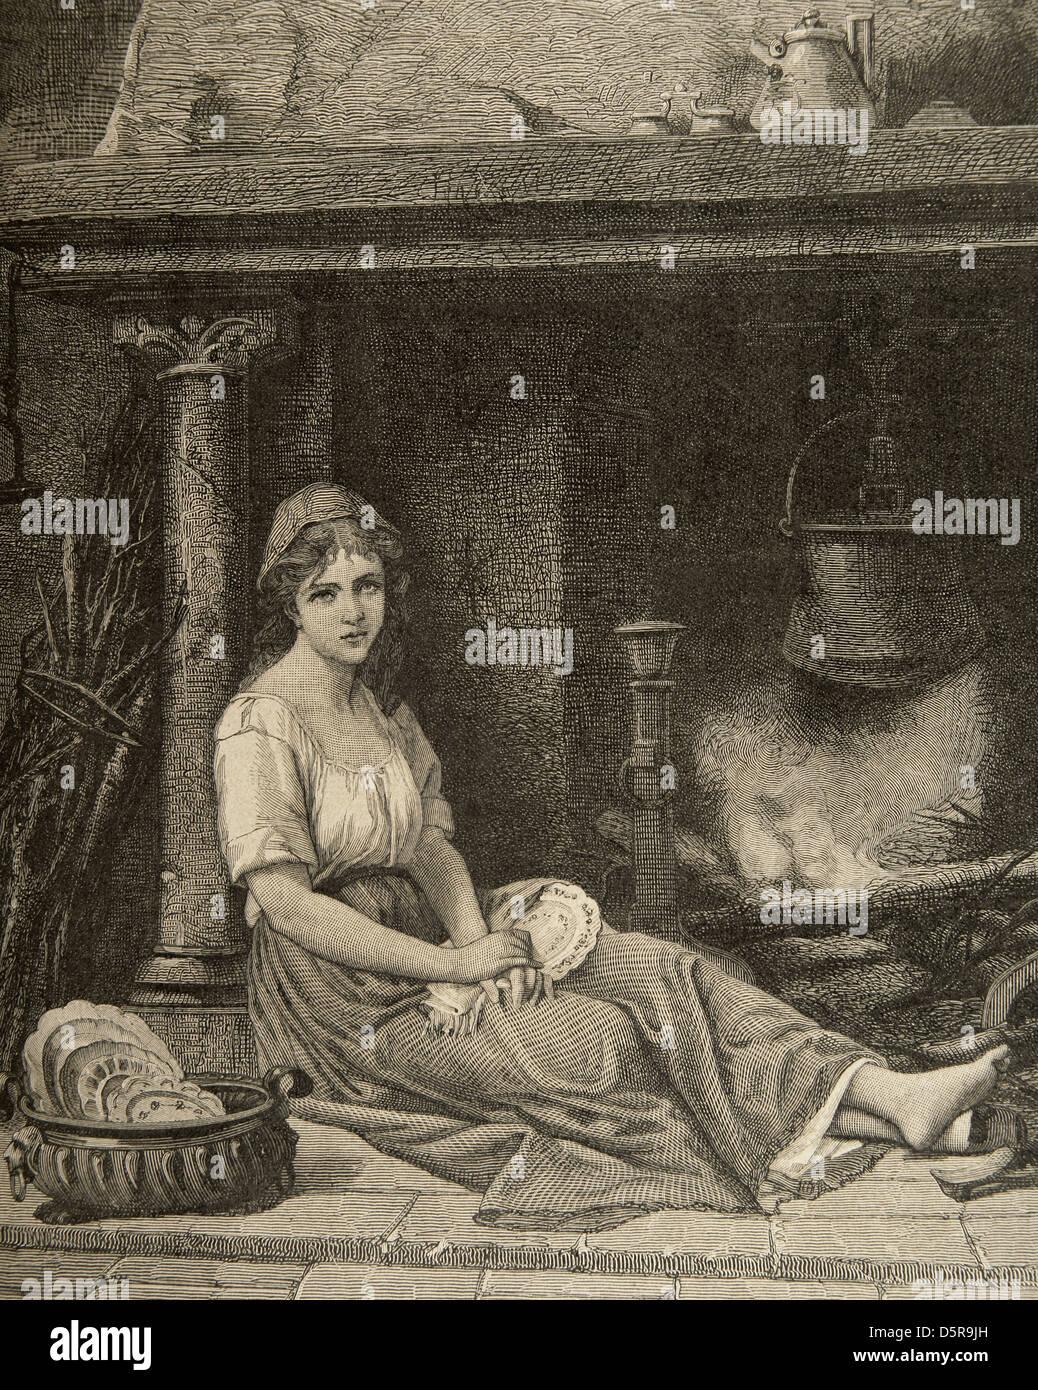 Cenerentola. Carattere nel racconto scritto da Charles Perrault. Incisione di Jonnard. La serata, 1894. Immagini Stock